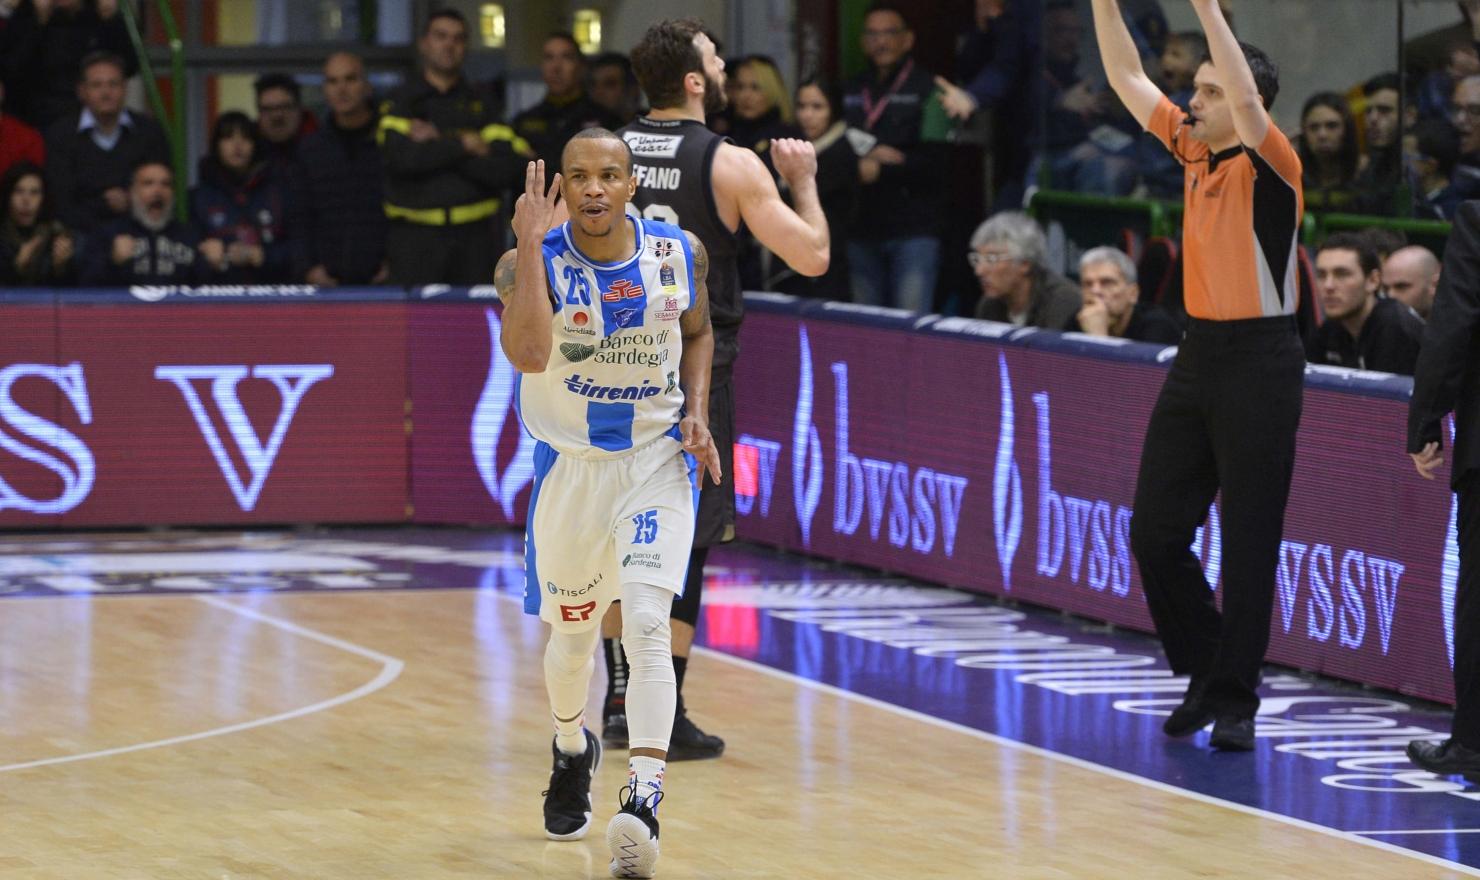 La Dinamo va sotto nel primo tempo, 25 a 38 per la Virtus Bologna, poi si ritrova e si scatena con un secondo tempo da incorniciare: 82 a 74.